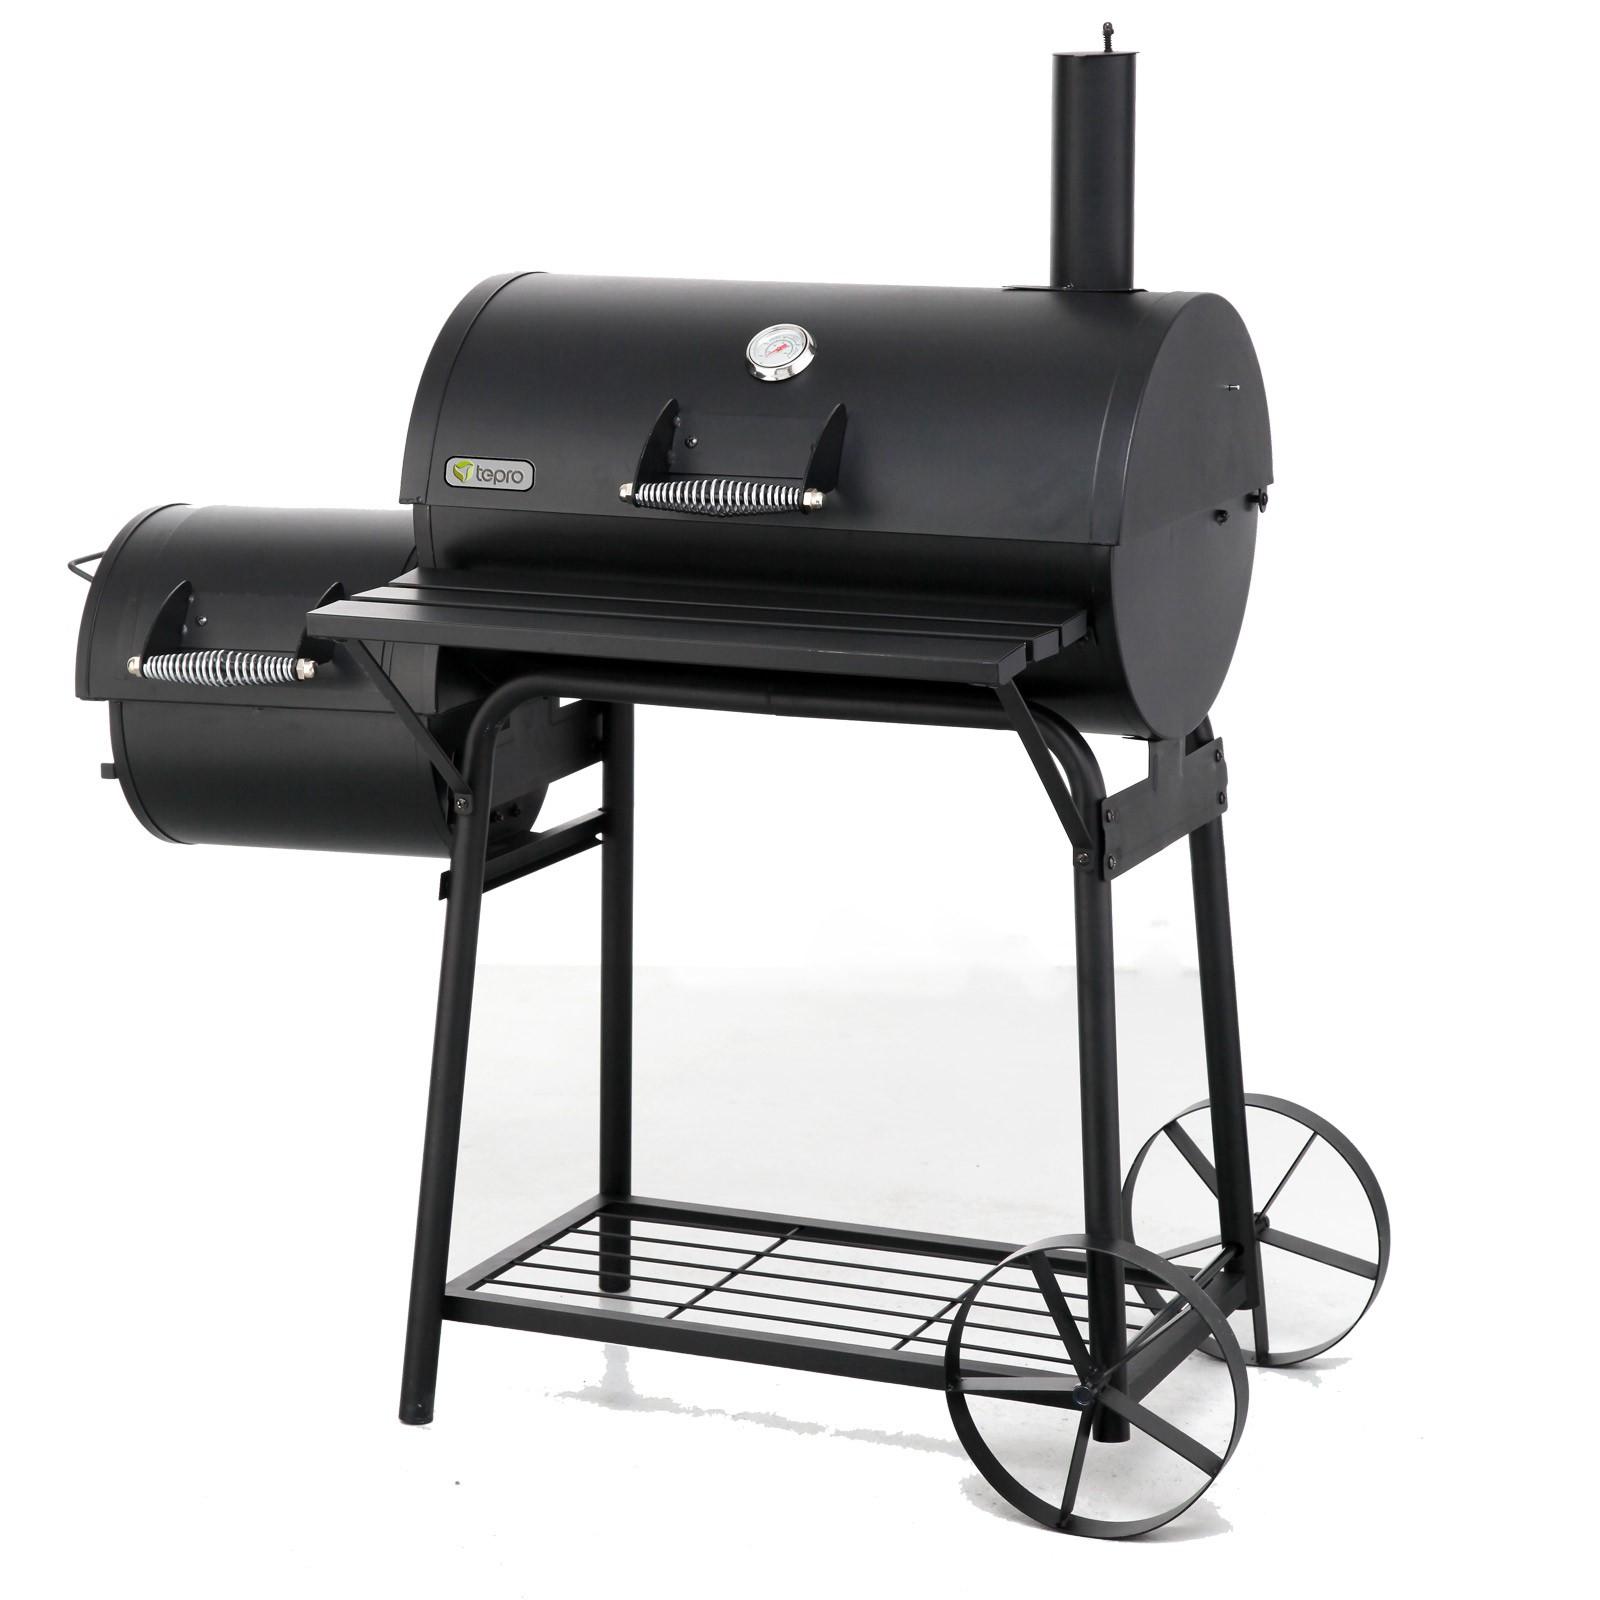 tepro smoker bbq grill biloxi grillwagen grill holzkohlengrill kohlengrill ebay. Black Bedroom Furniture Sets. Home Design Ideas